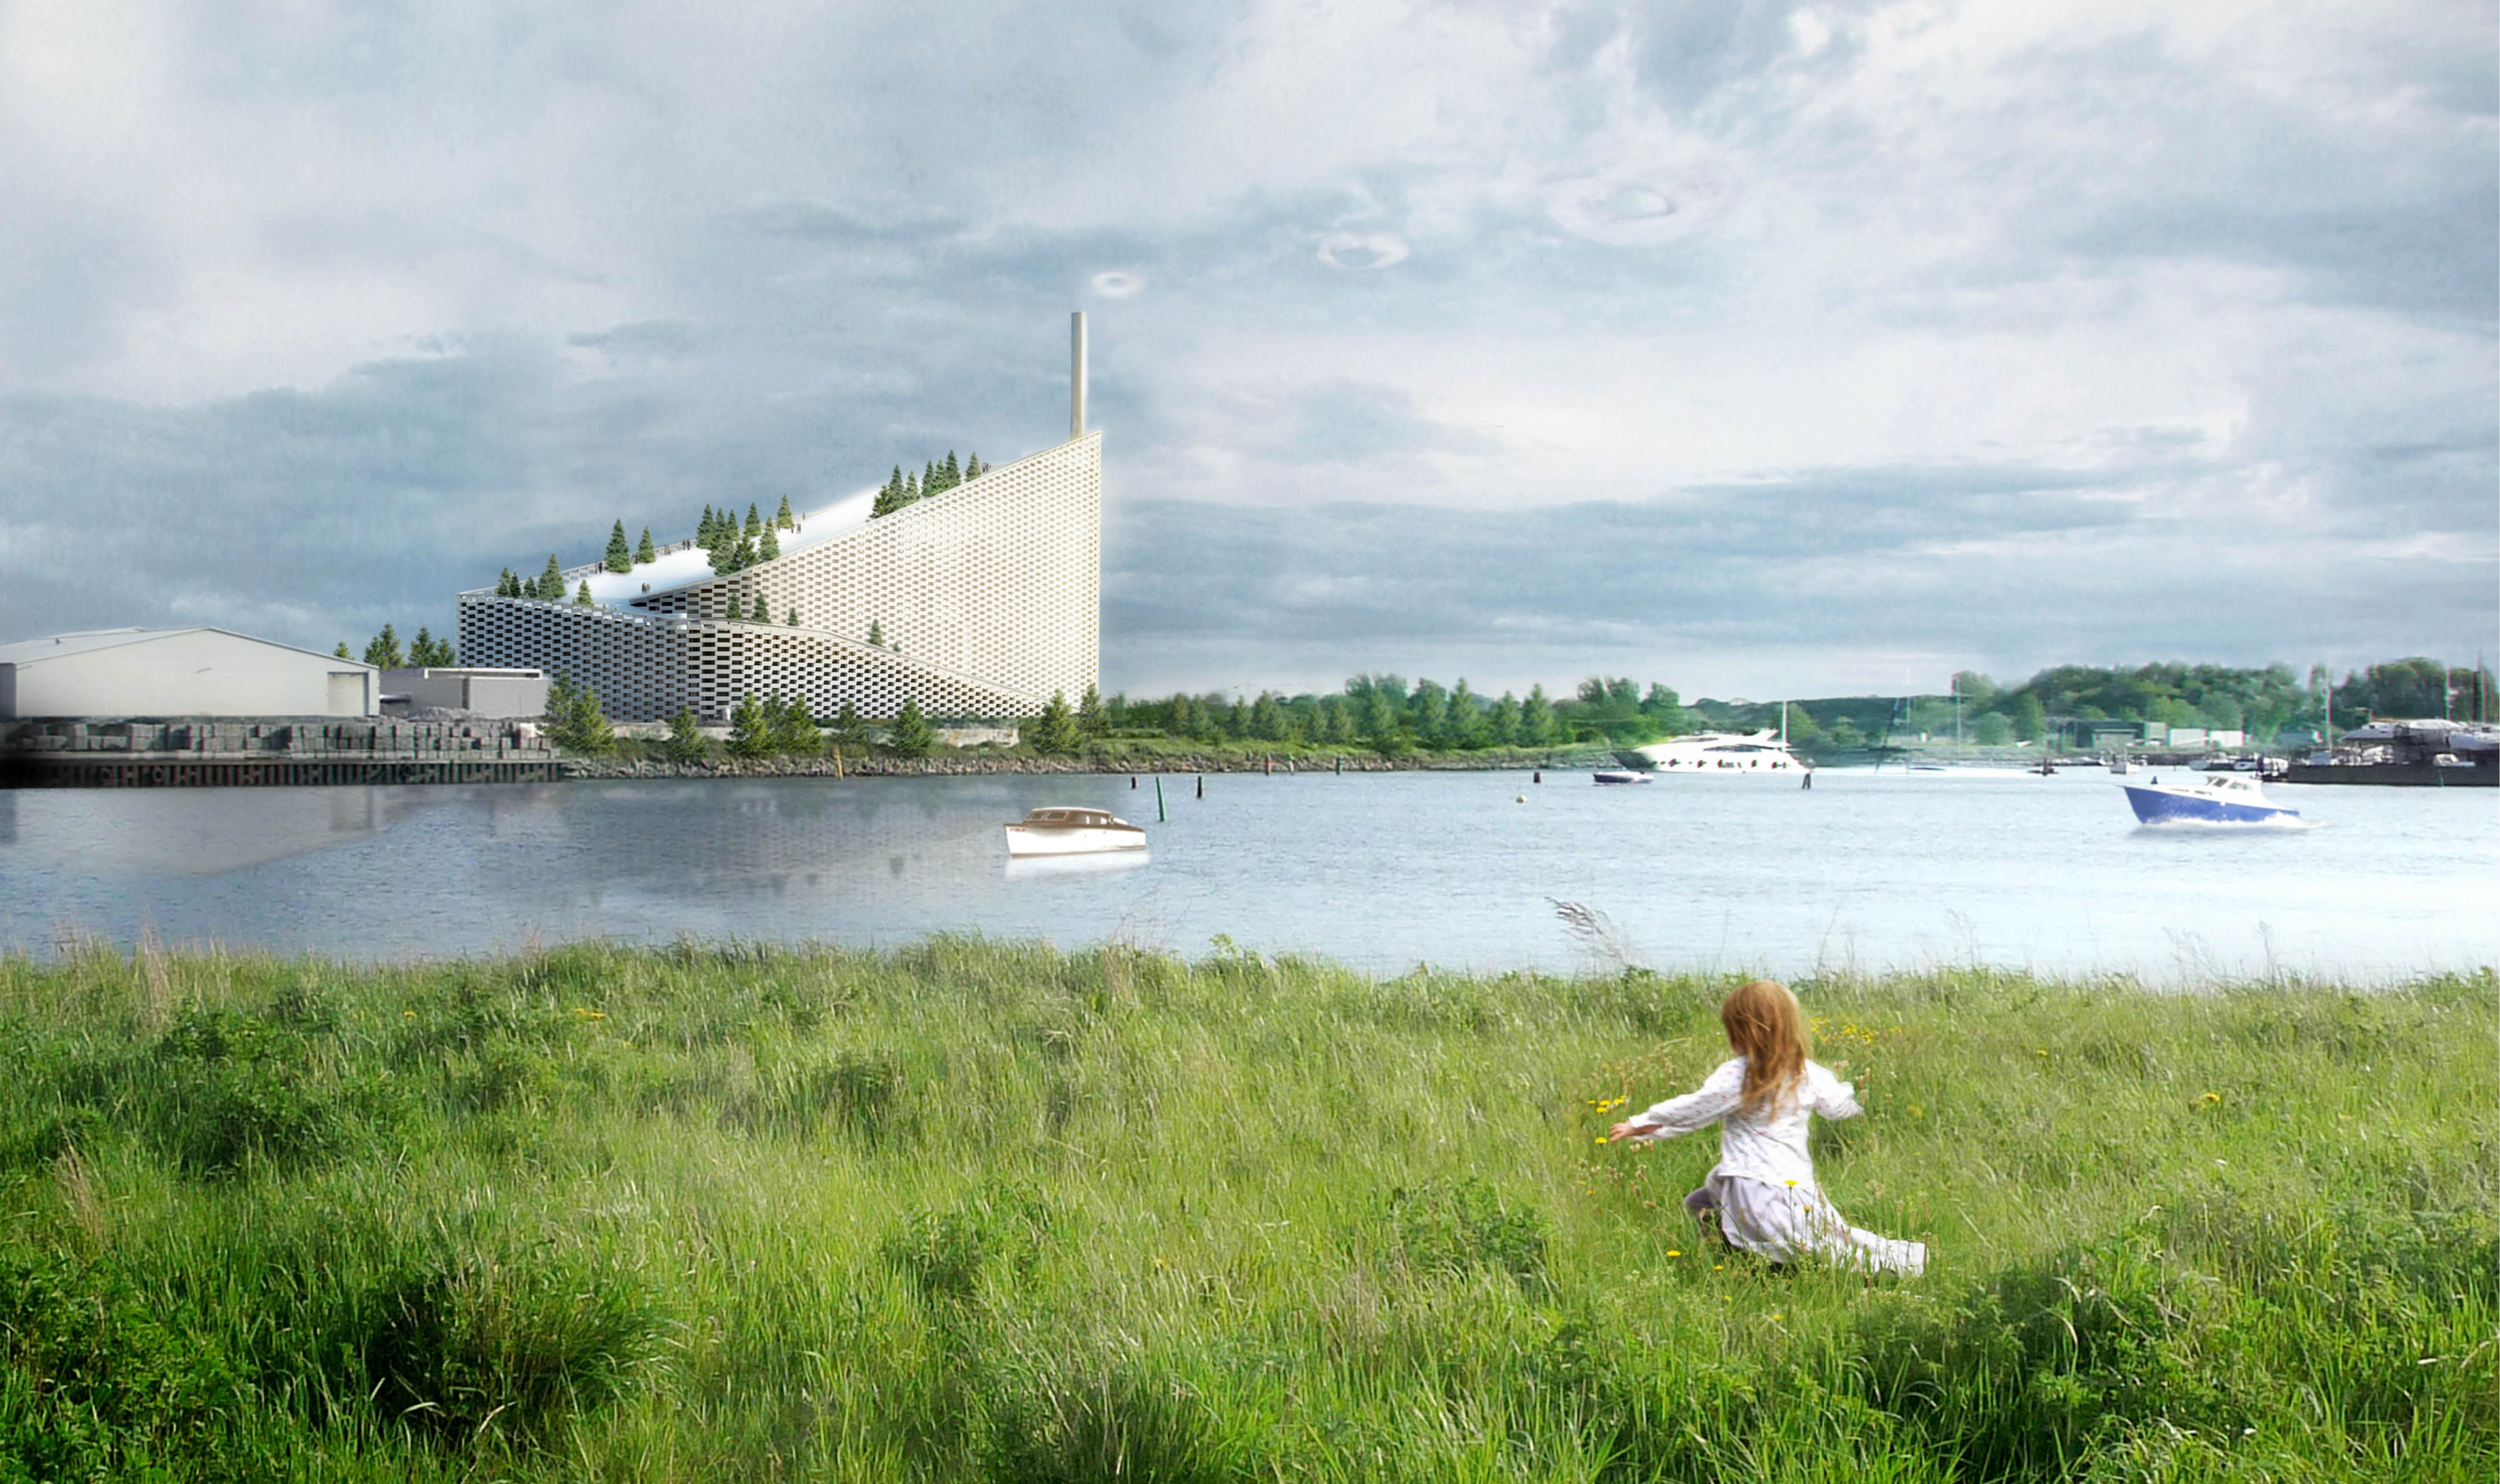 Das Amager Resource Center setzt neue Maßstäbe für Kraftwerke der Zukunft. Visualisierung: BIG Architects